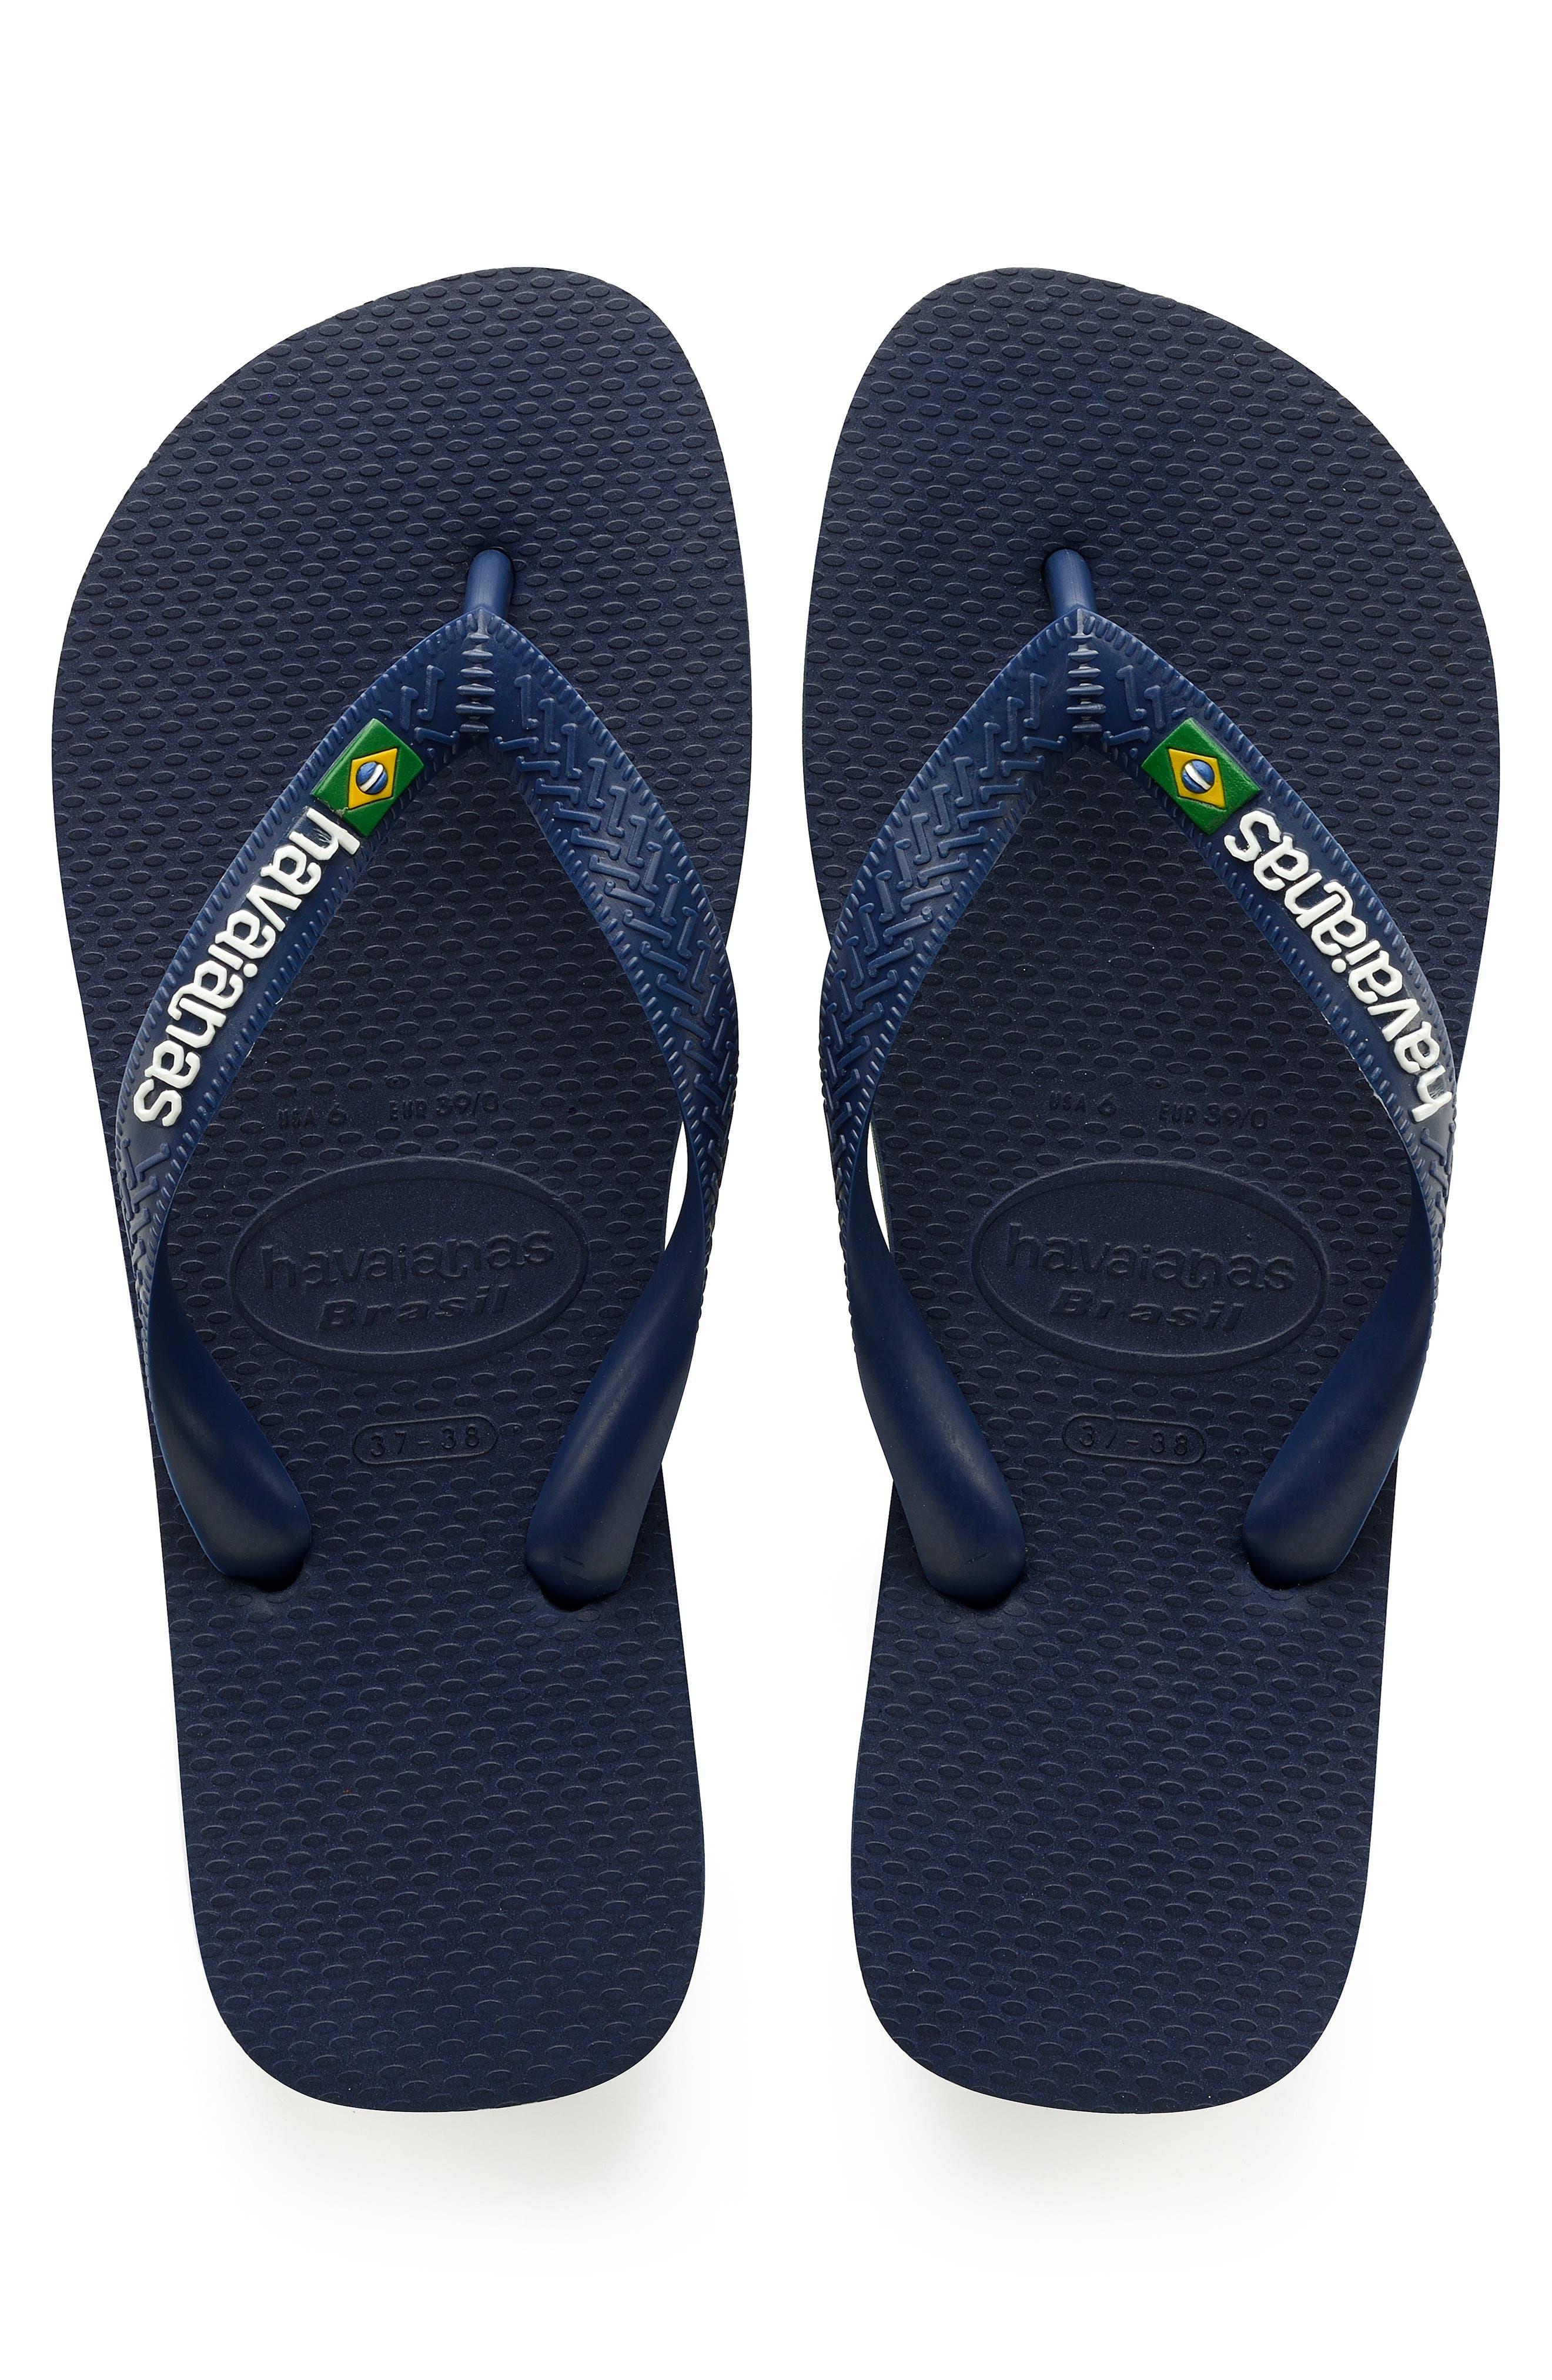 Brazil Flip Flop,                             Main thumbnail 1, color,                             NAVY BLUE